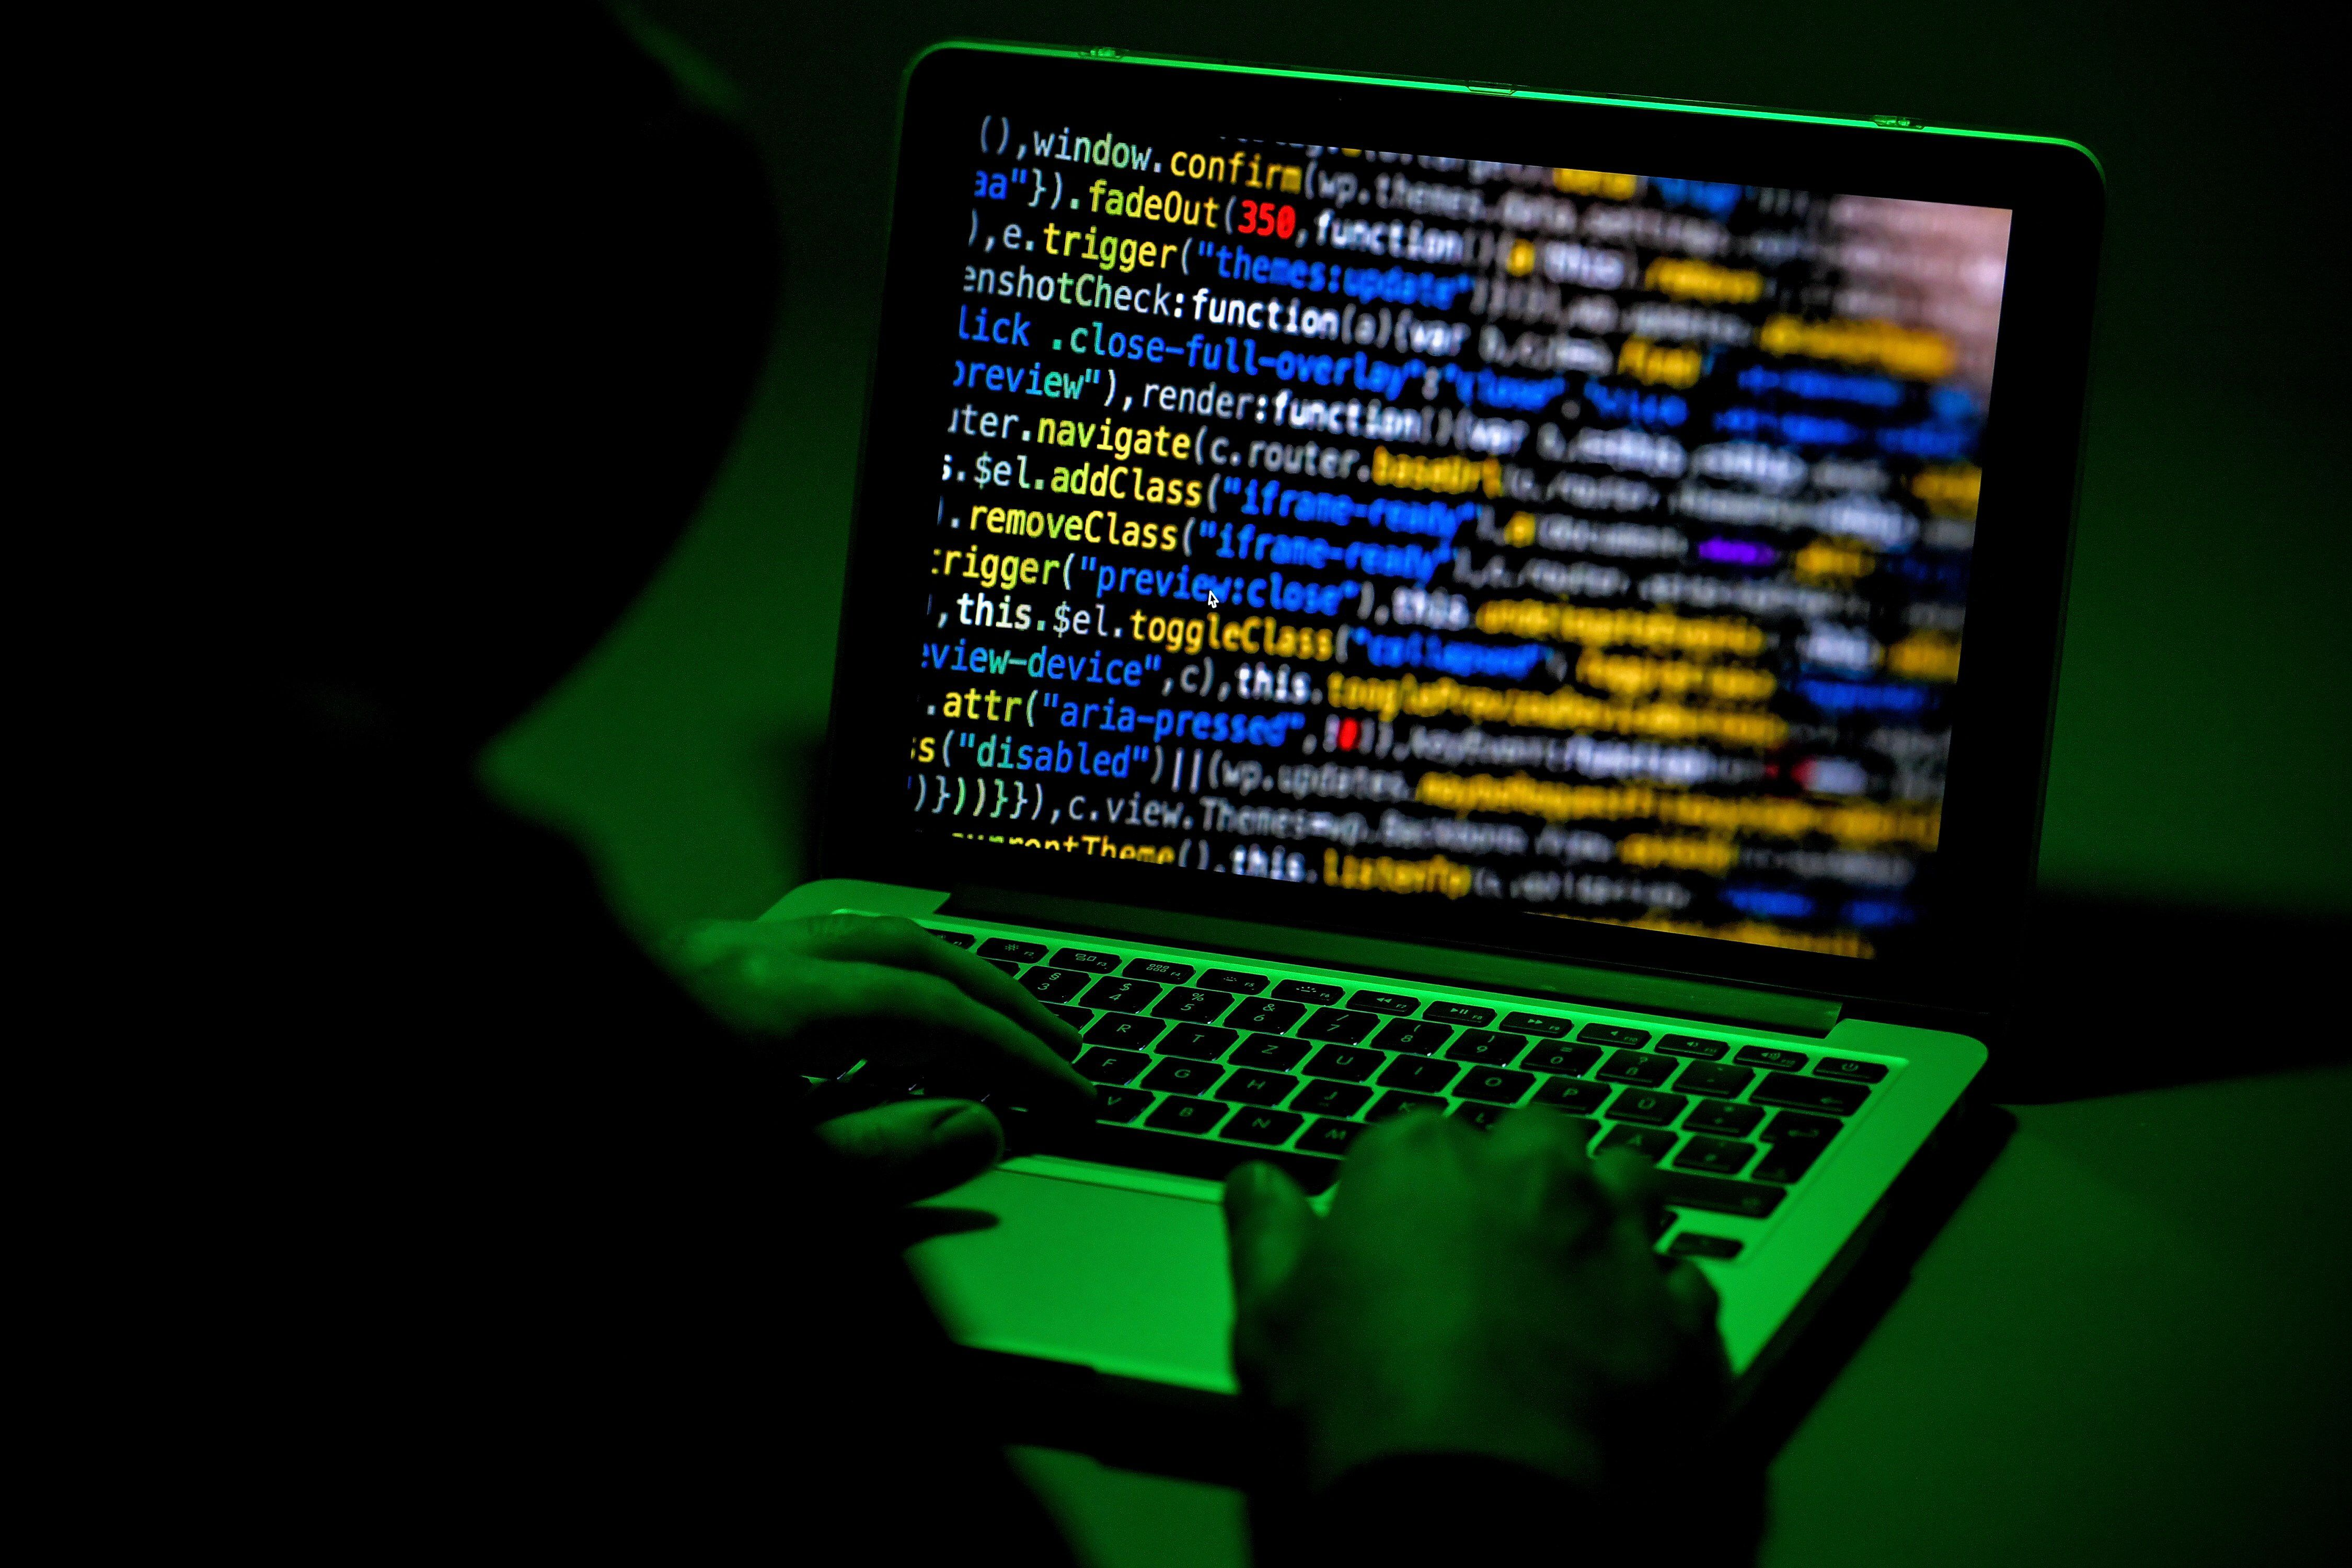 Una persona utiliza un ordenador portátil. EFE/SASCHA STEINBACH/Archivo